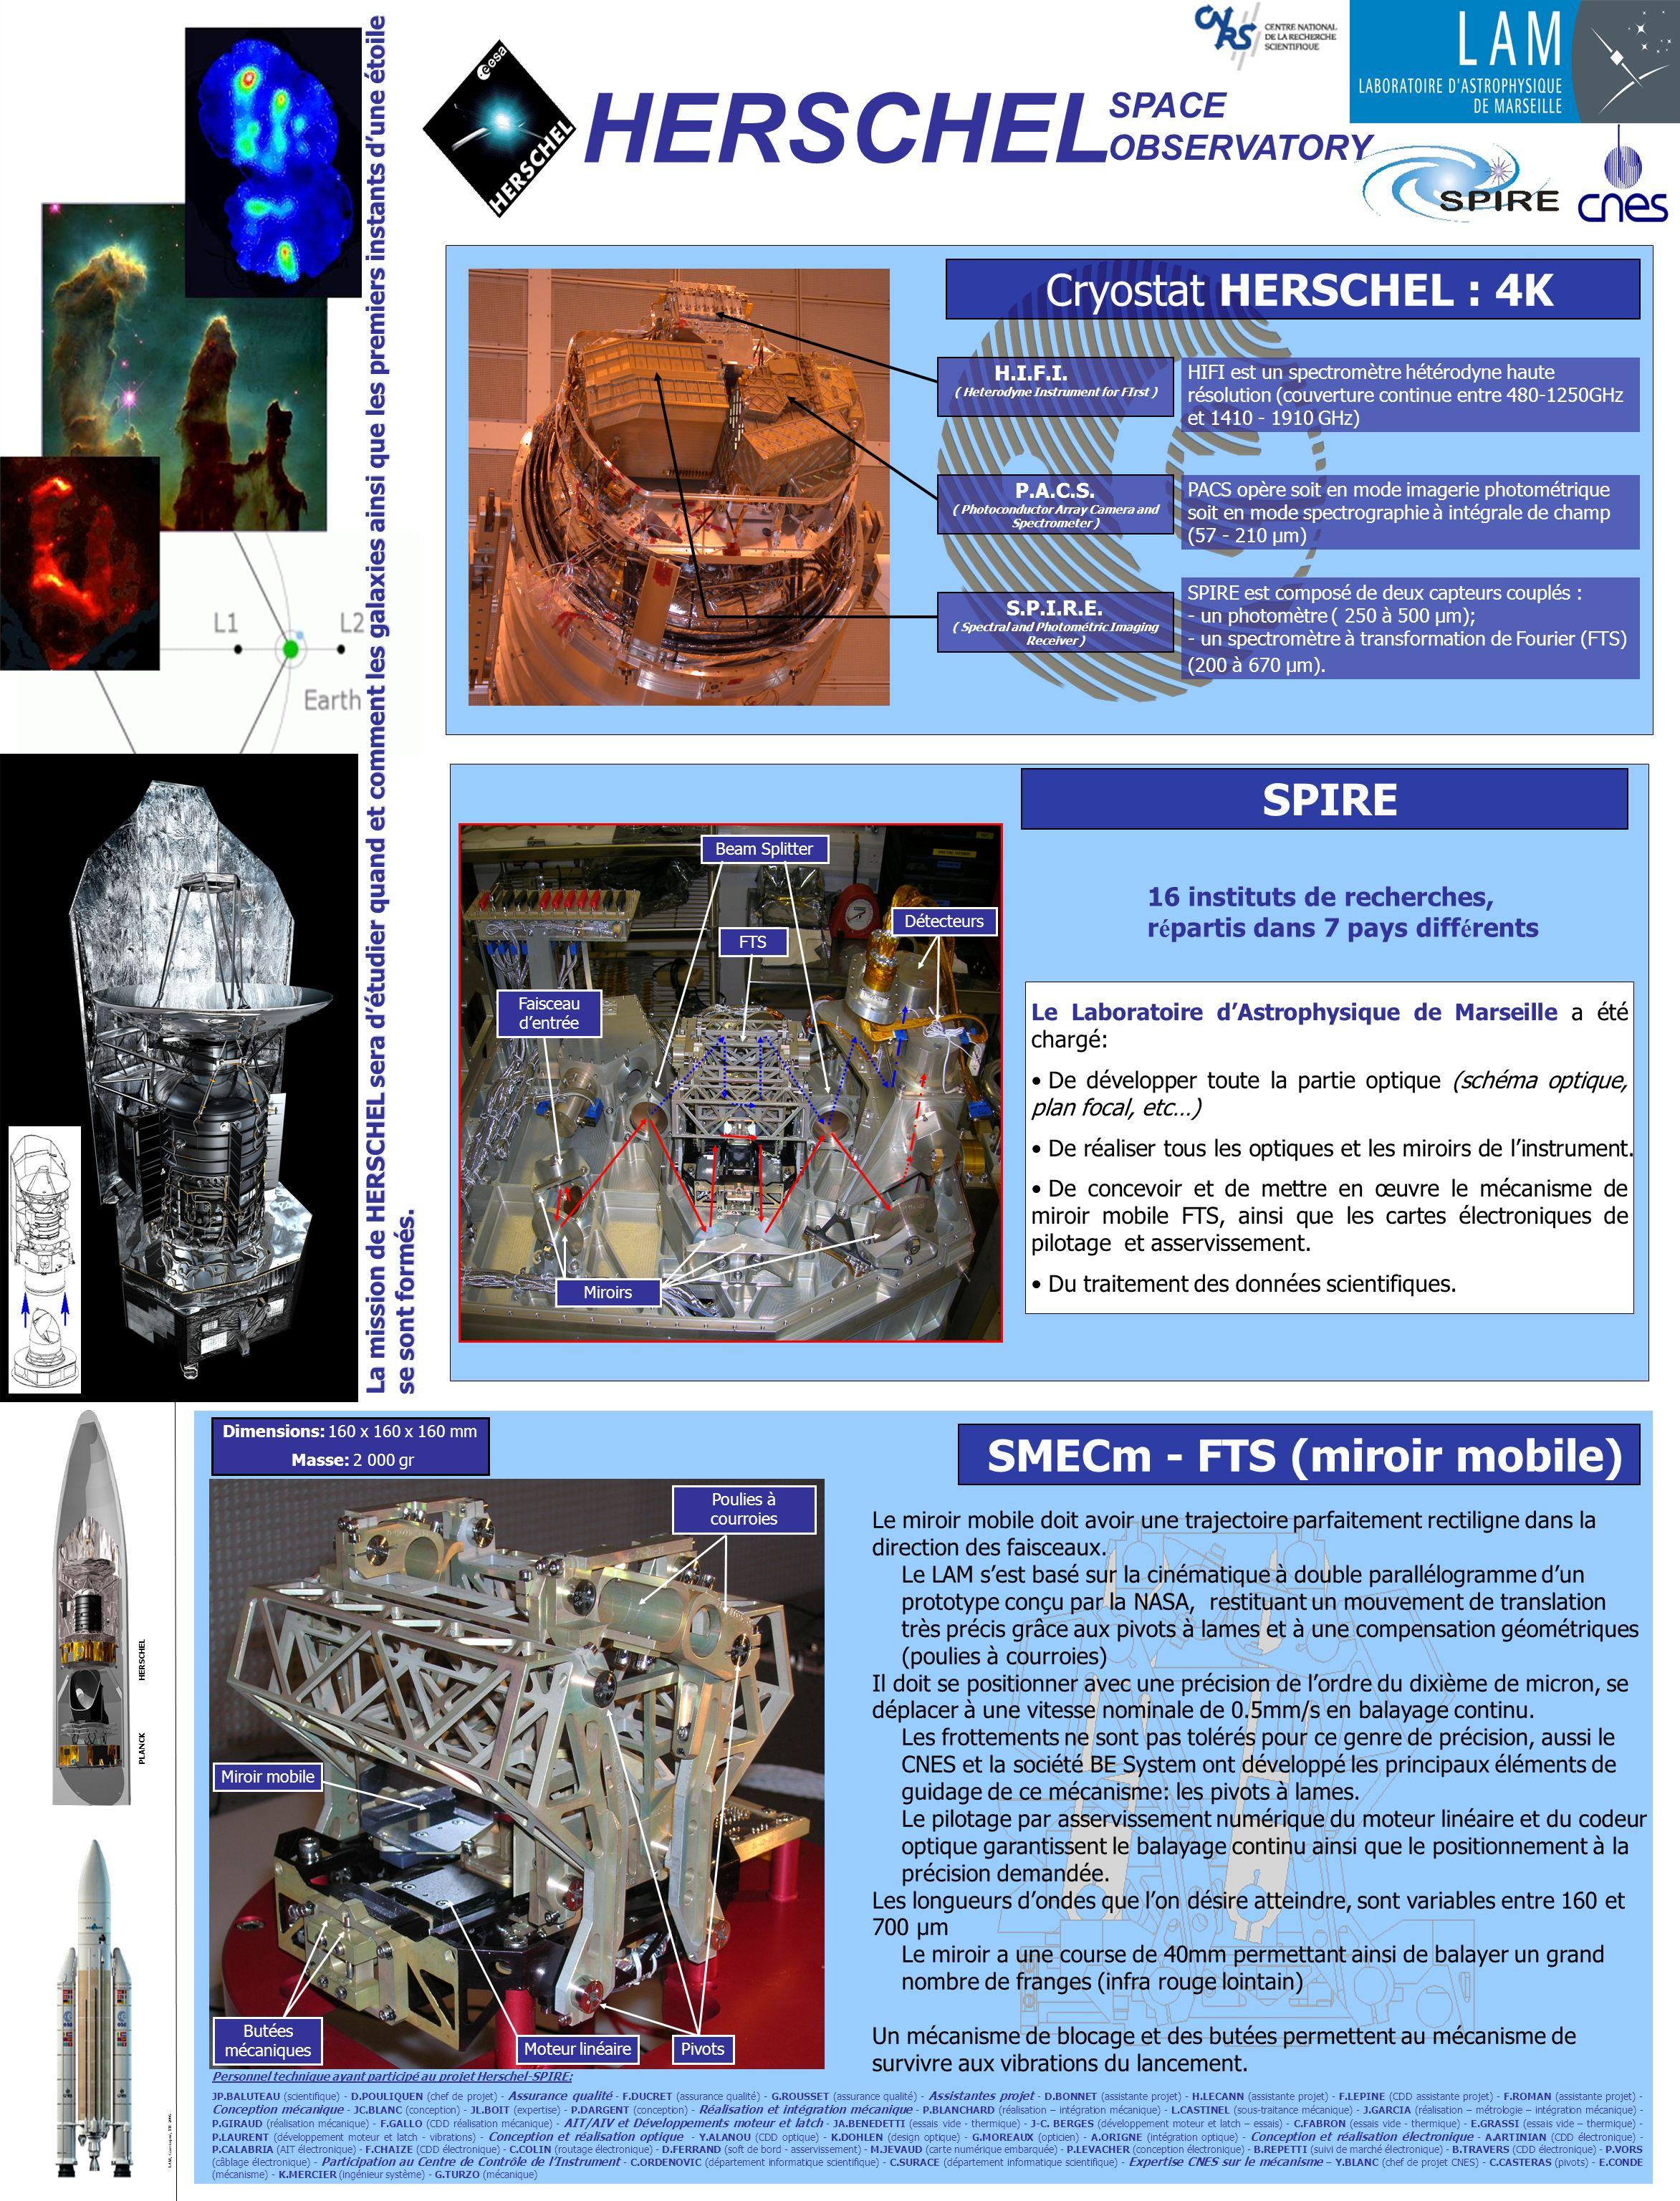 HERSCHEL PLANCK Cryostat HERSCHEL : 4K SPIRE est composé de deux capteurs couplés : - un photomètre ( 250 à 500 µm); - un spectromètre à transformation de Fourier (FTS) (200 à 670 µm).